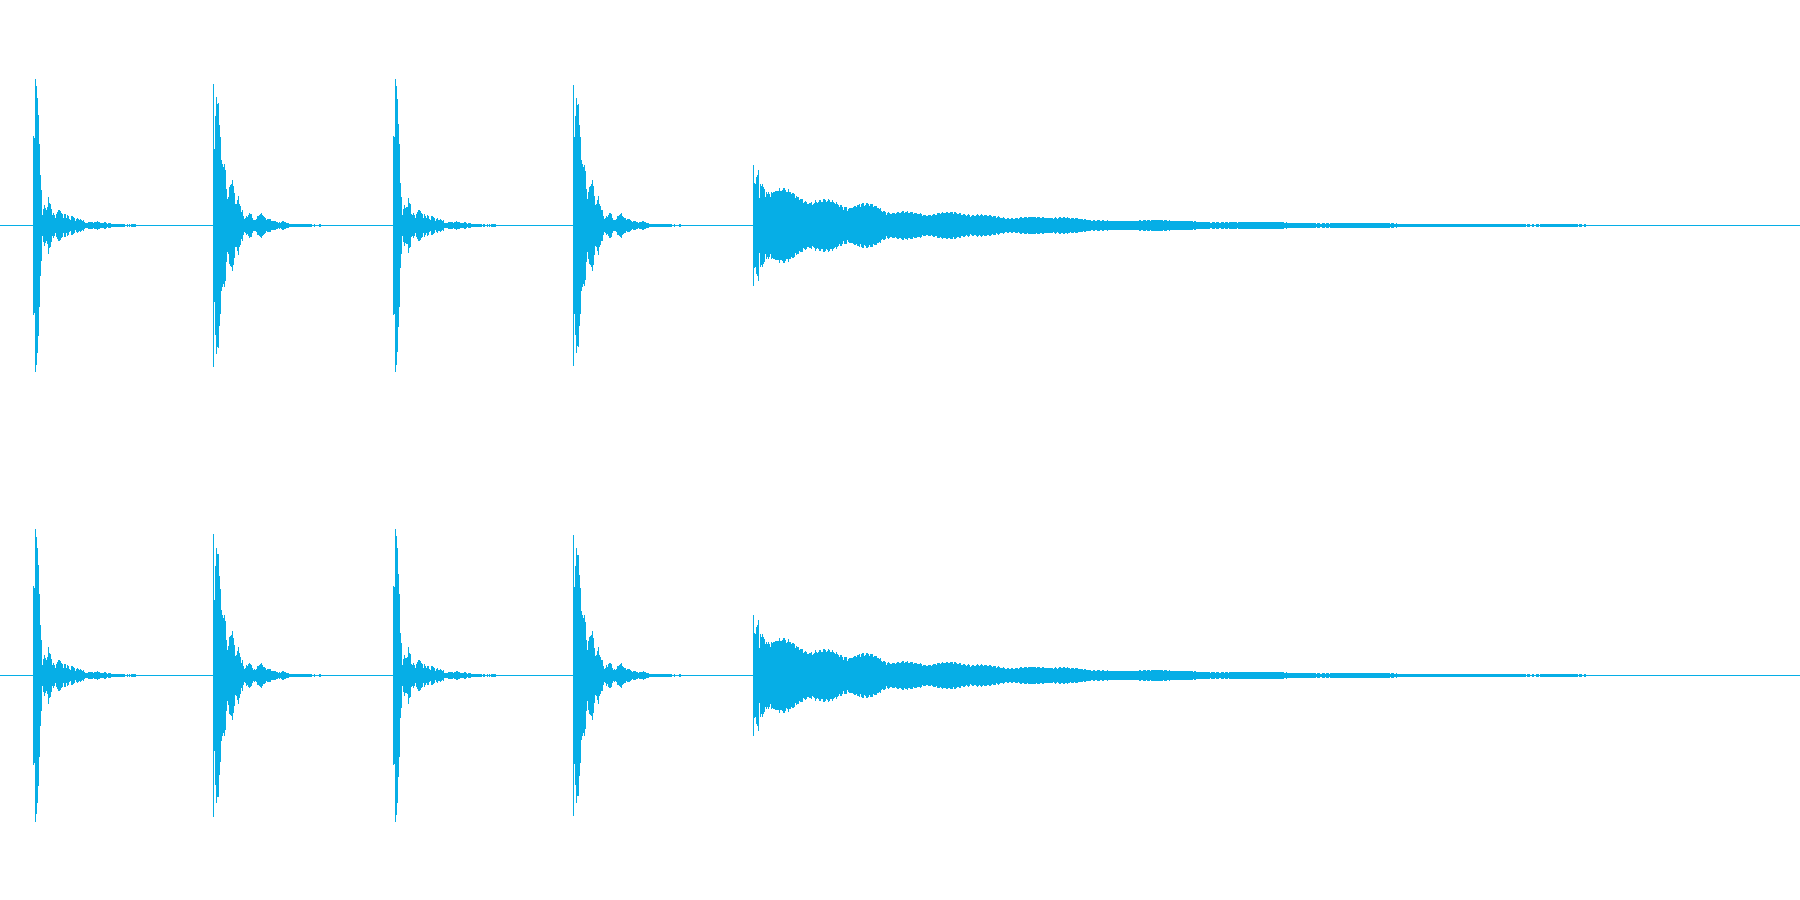 【カウントダウン05-1】の再生済みの波形